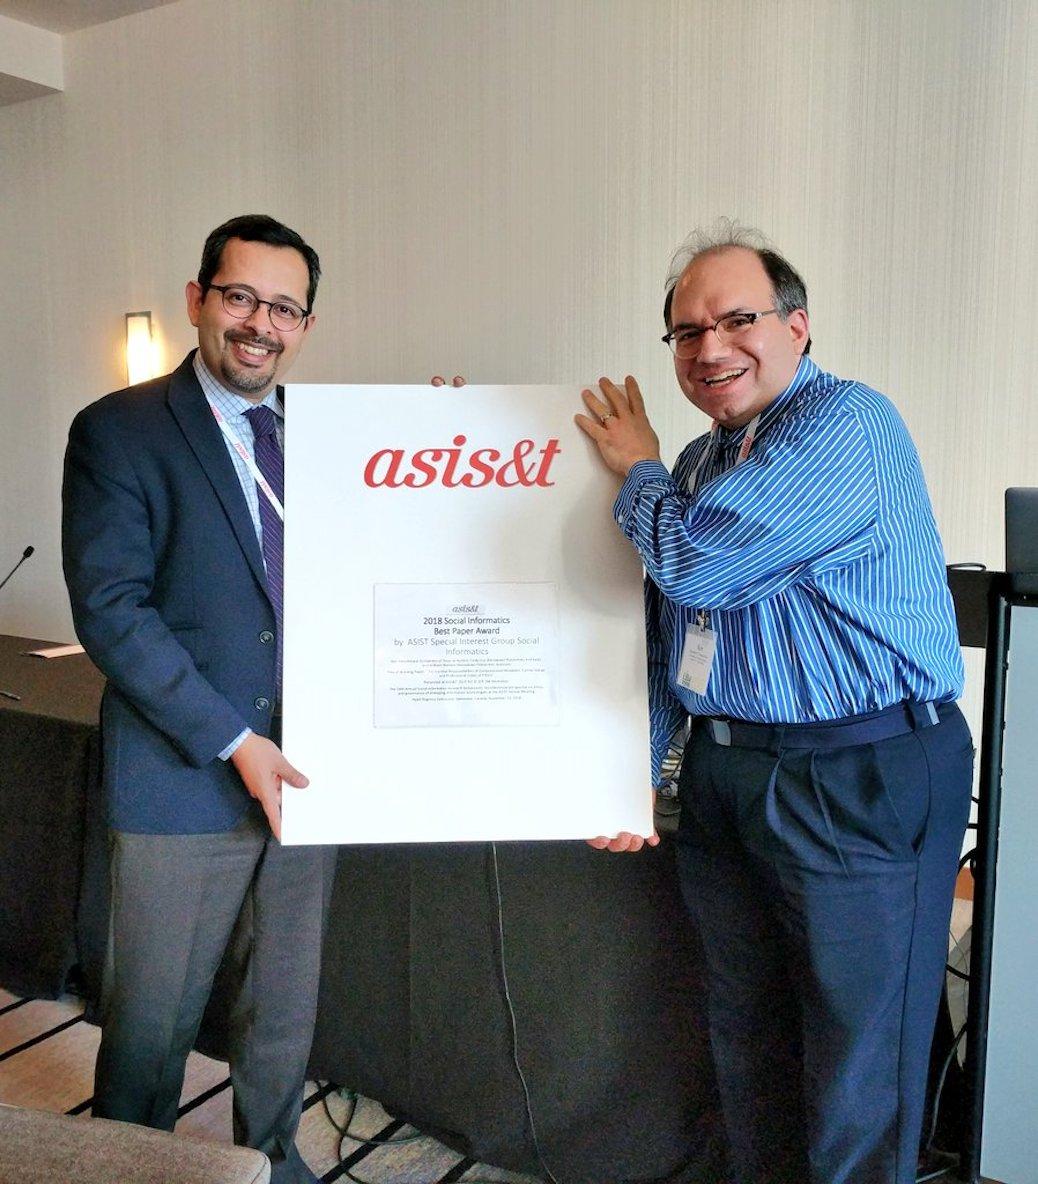 Professor Fleischmann accepting Best Social Informatics paper award